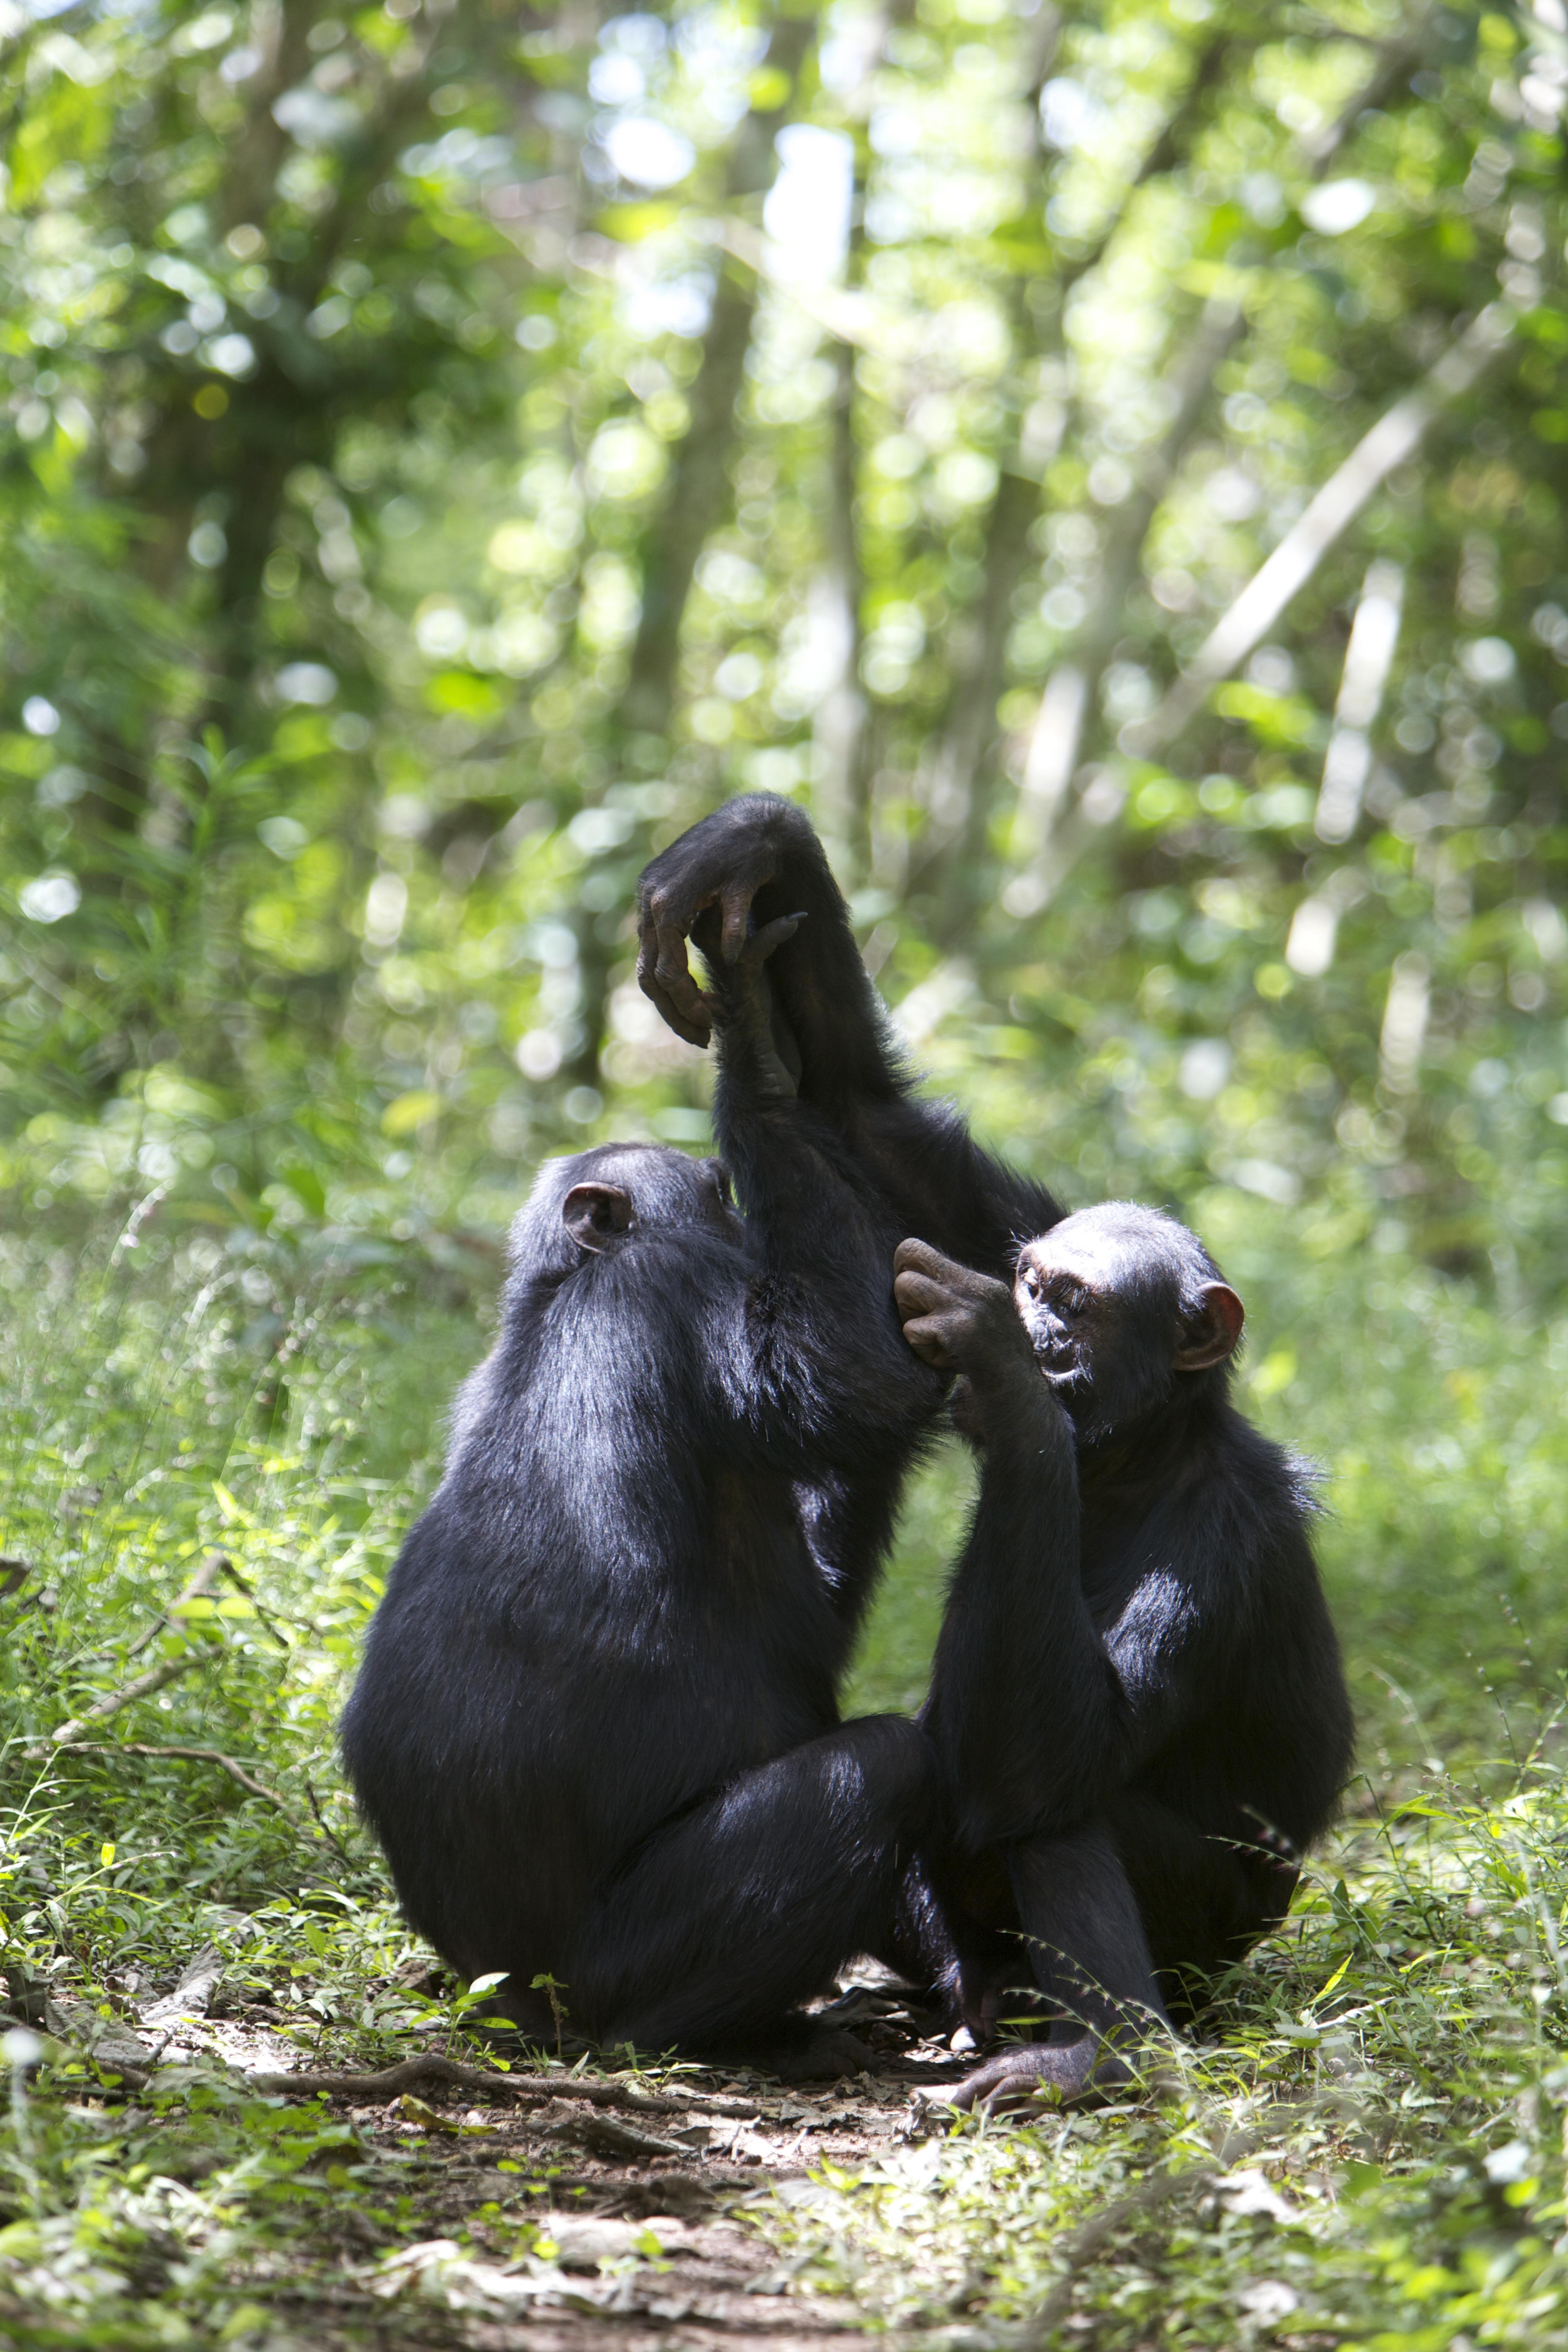 За 12 лет наблюдений шимпанзе биолог выявил уникальные для каждой их социальной группы «рукопожатия»